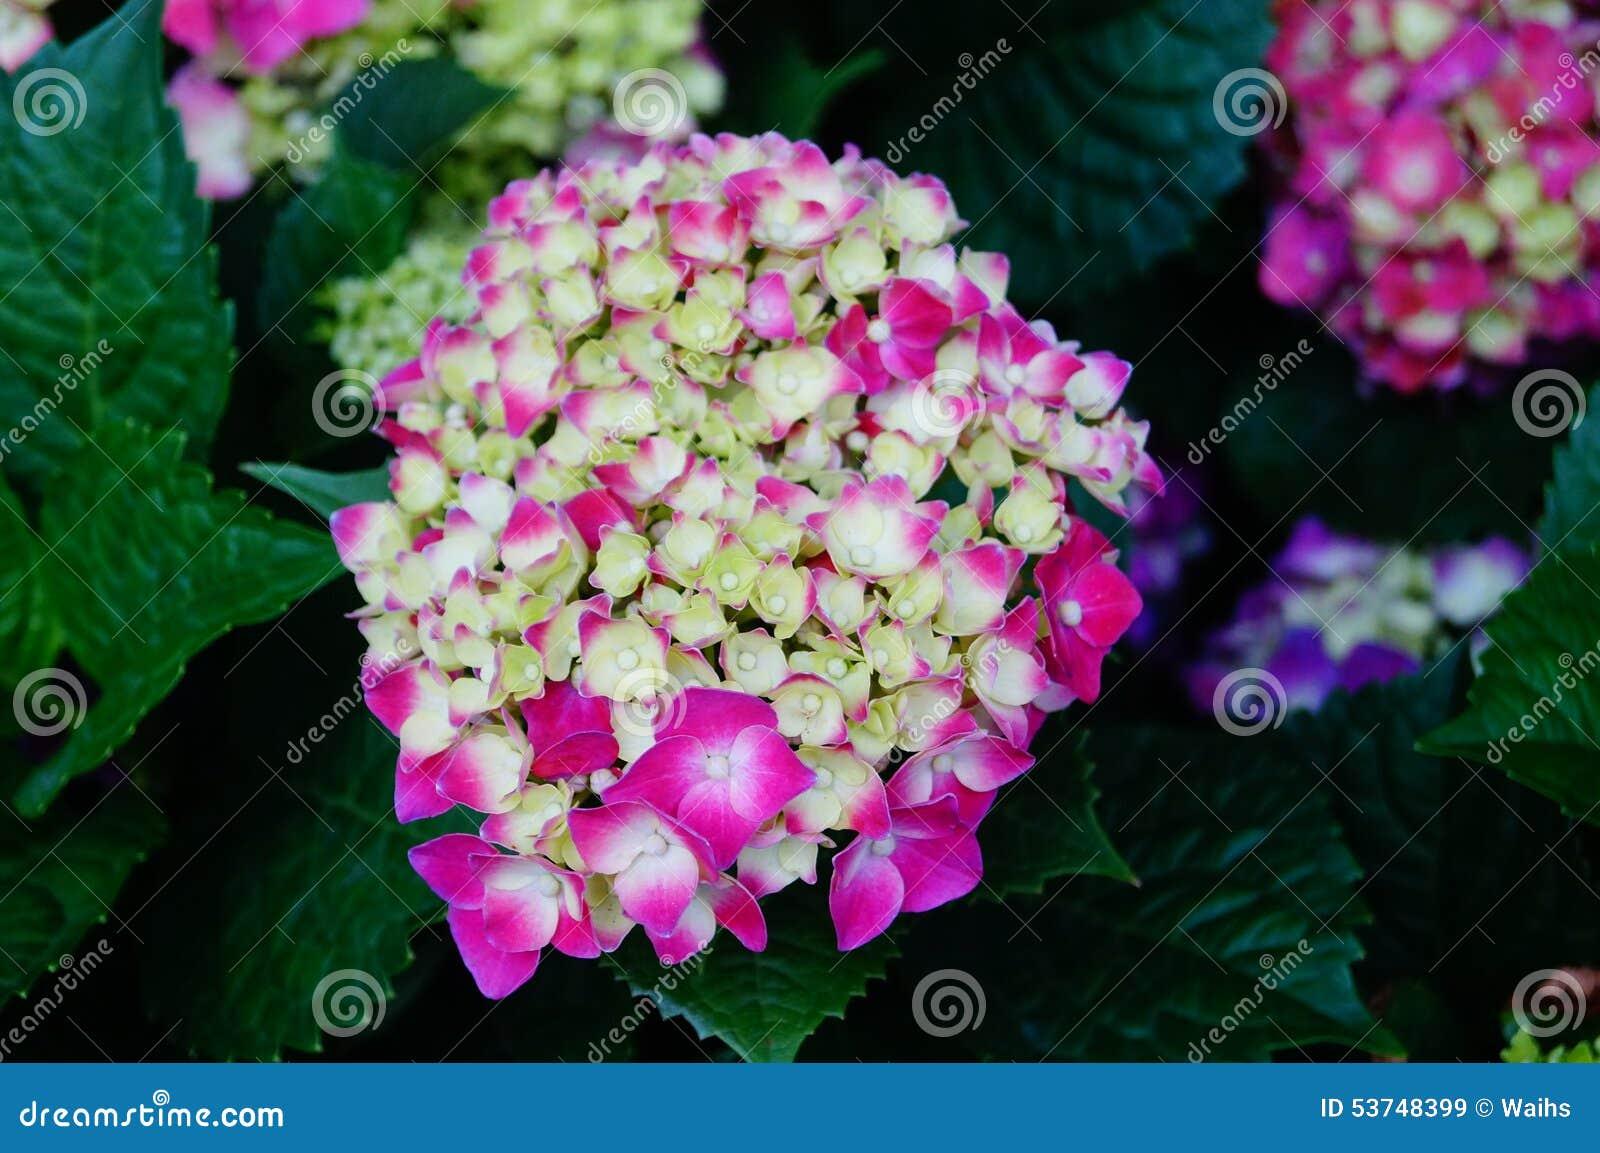 Lis fleur jardin fleuriste vente p tales de fleur for Fleurs vente